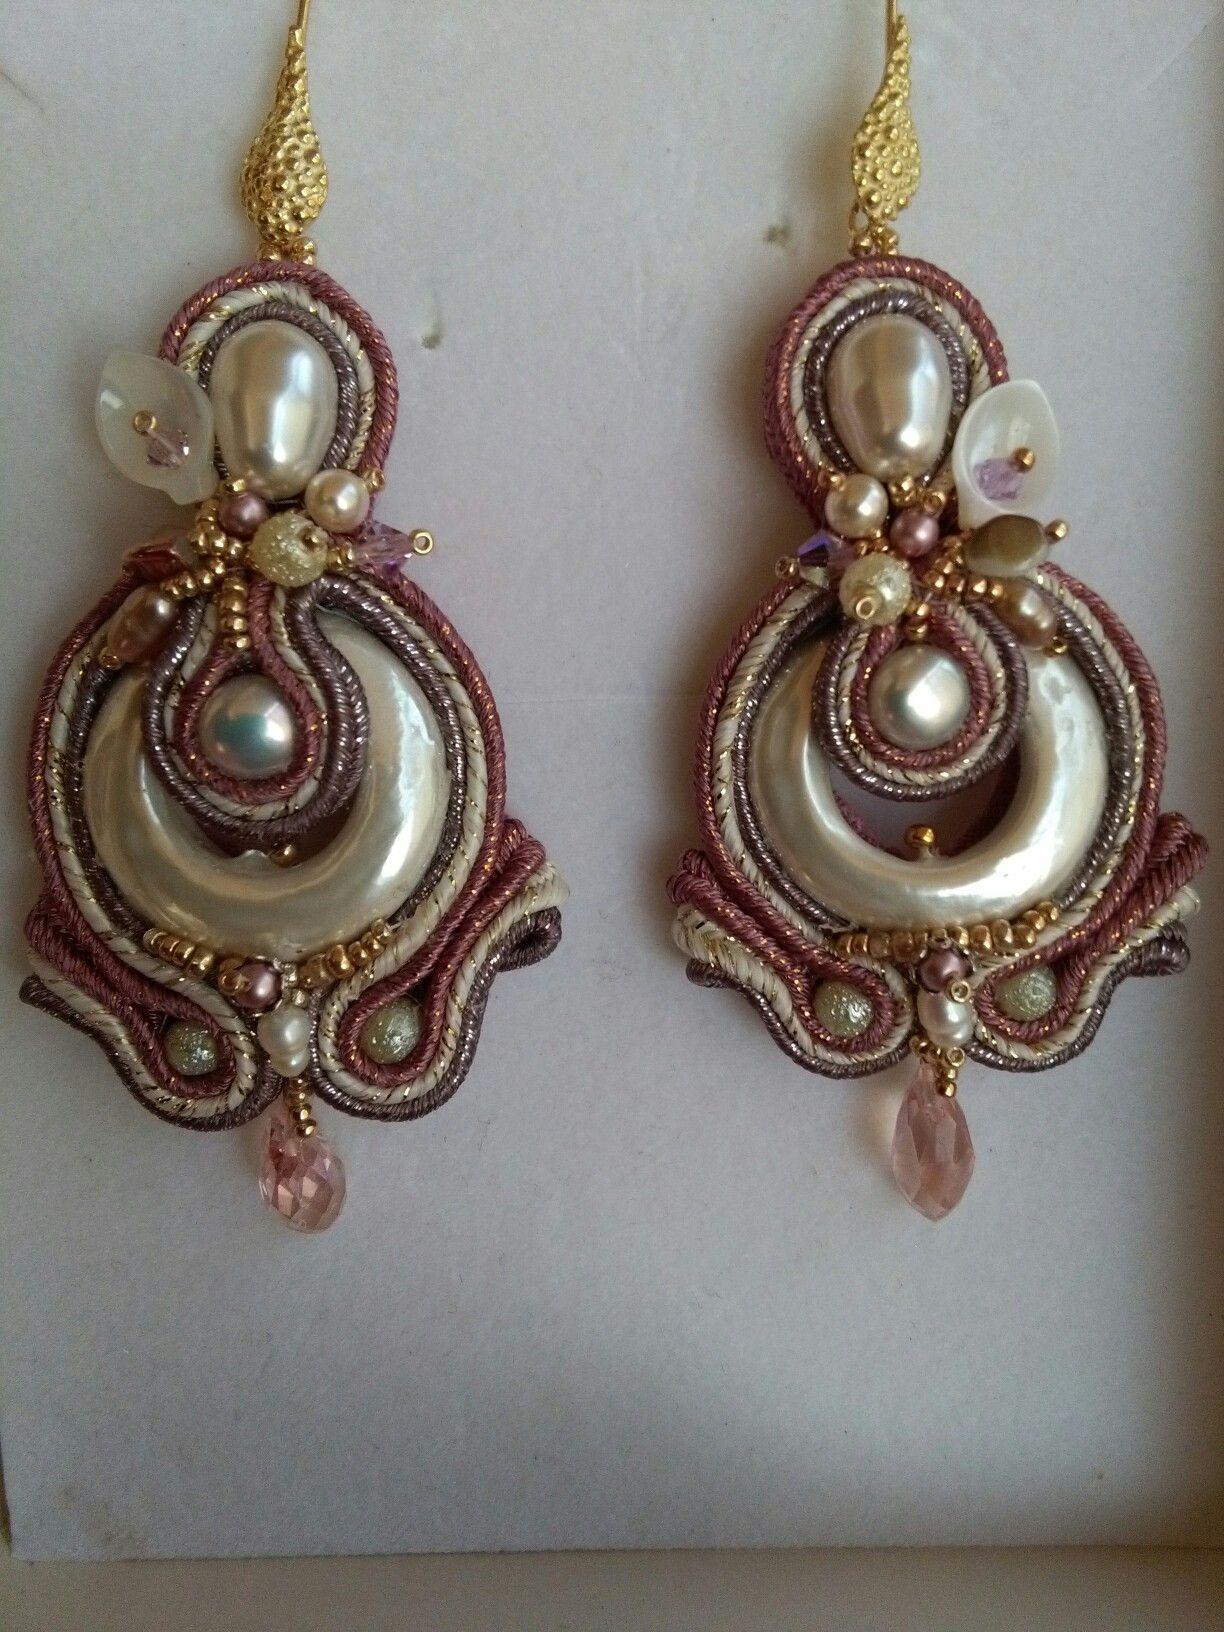 Molatura Vetro Fai Da Te nellys kunzit 6mm 1 filamento perle pietre preziose rosa